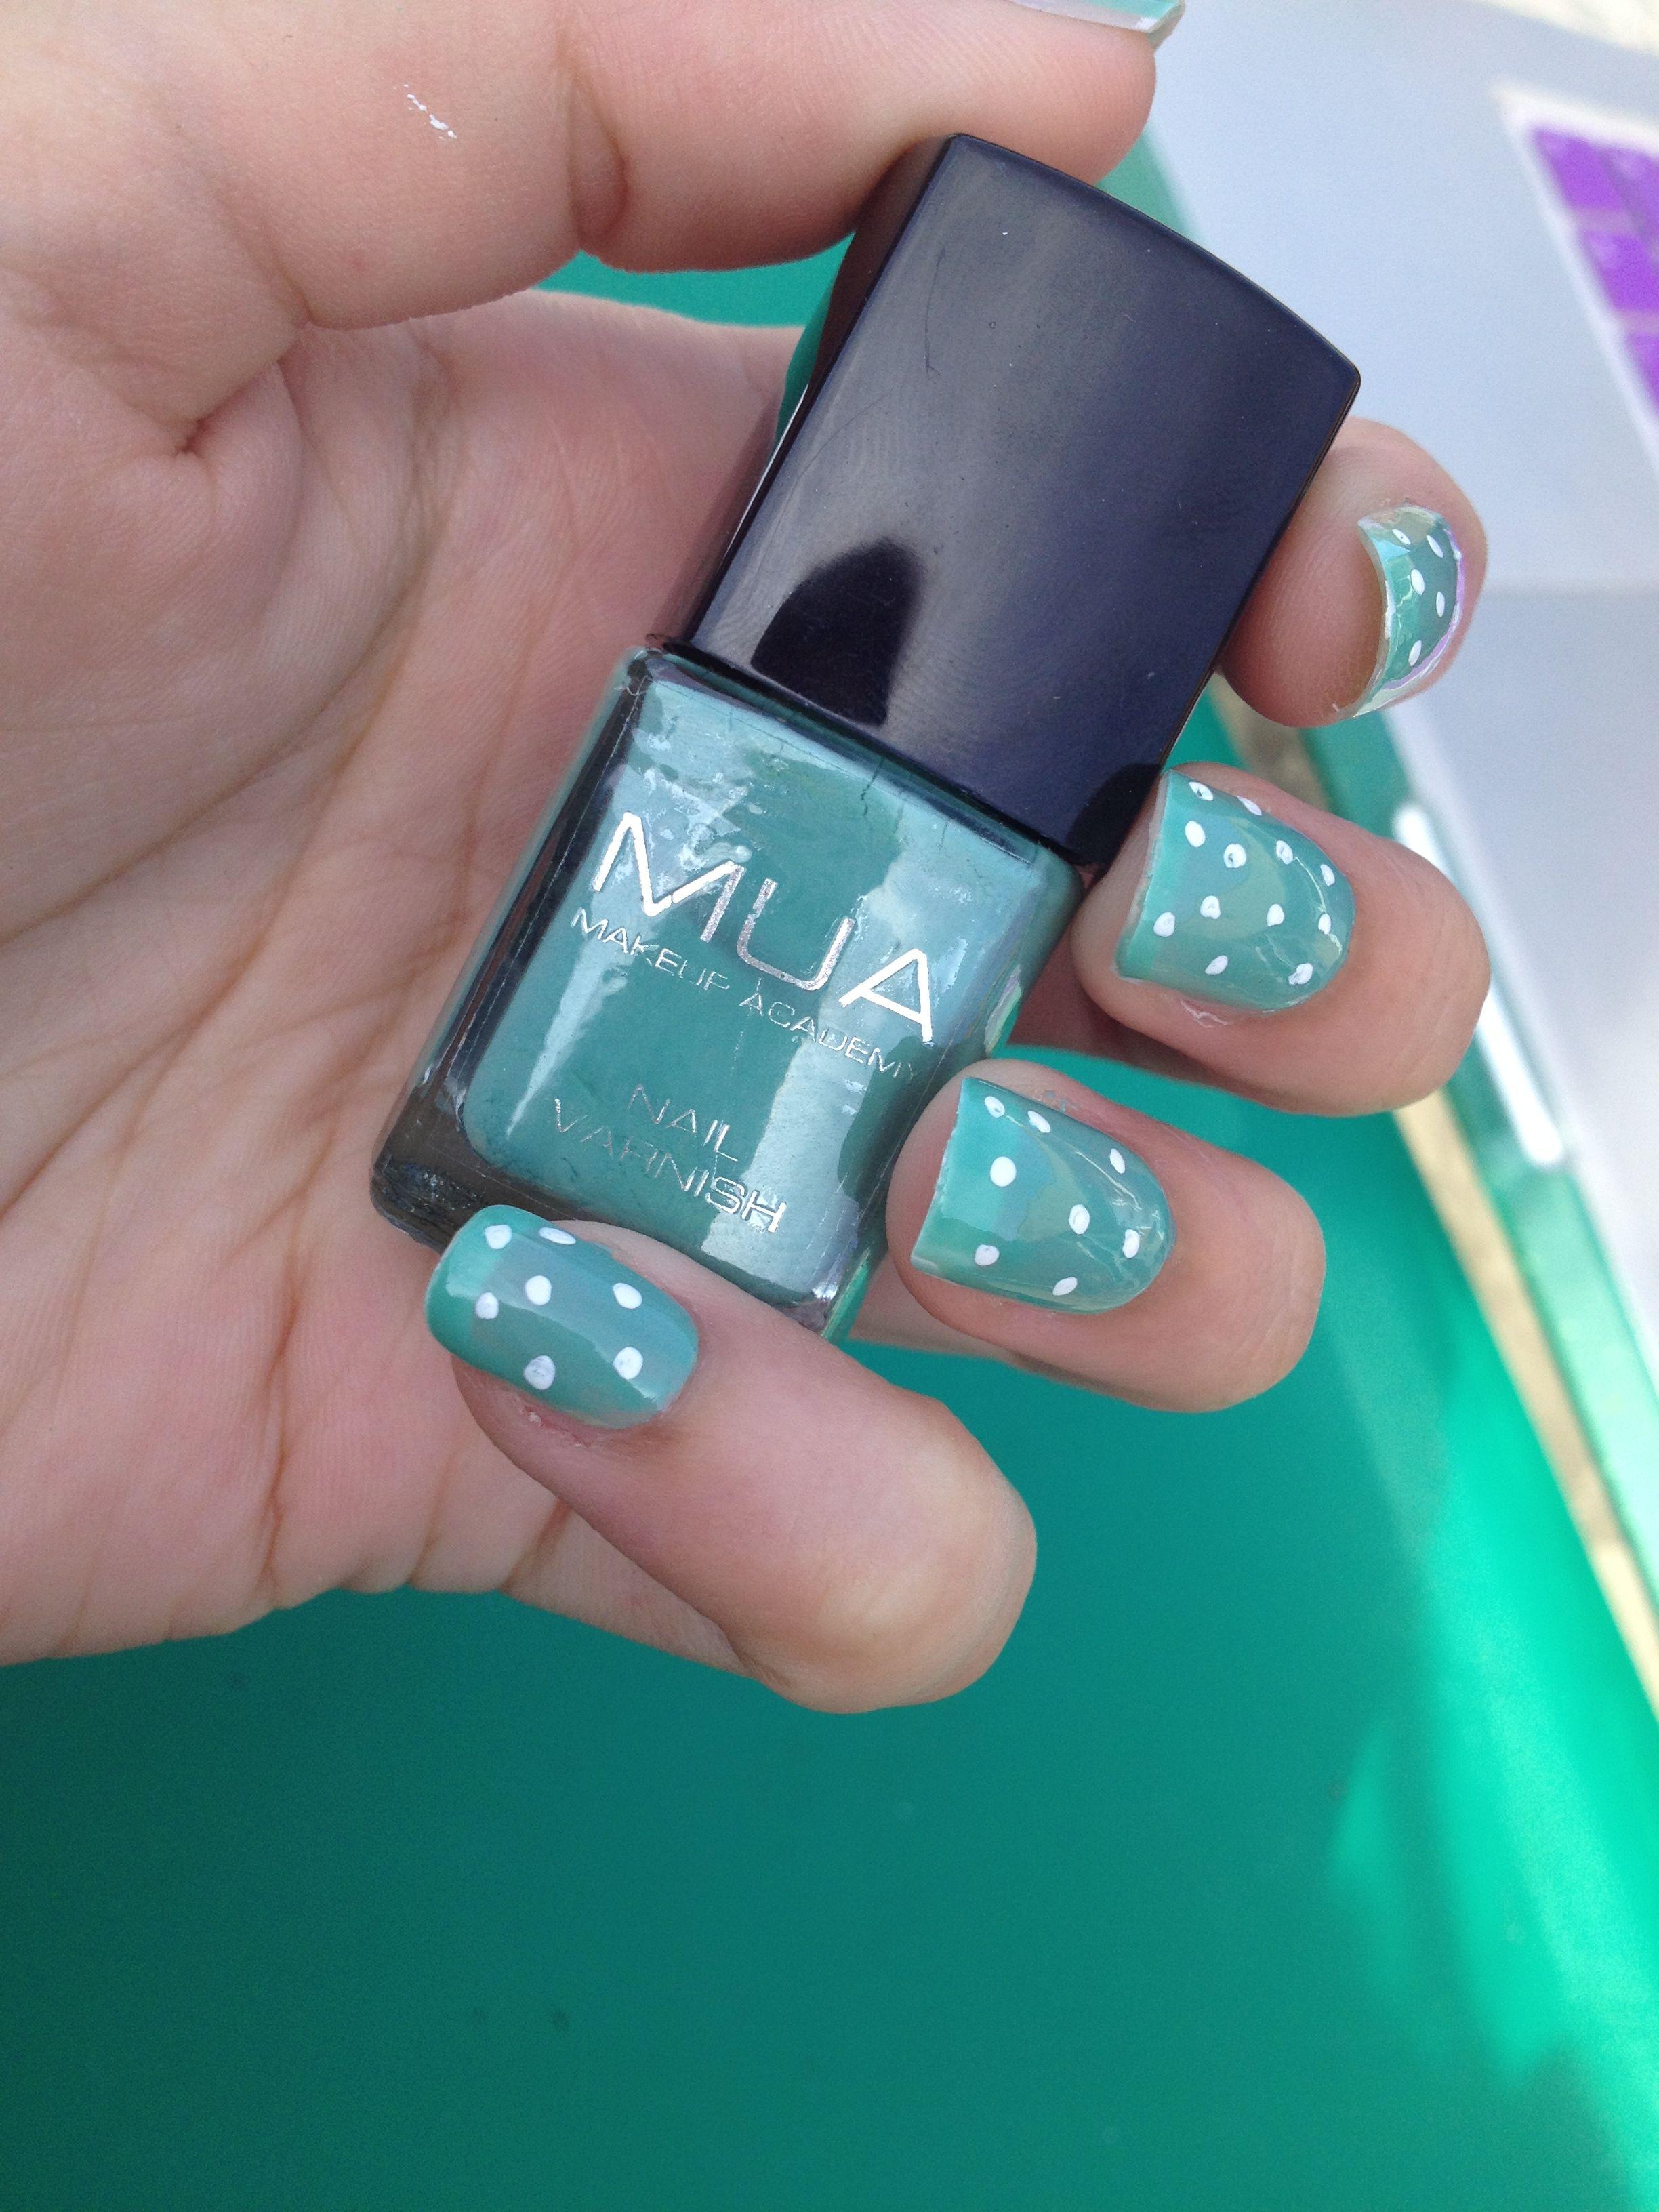 Polka dots Nail Art Nail Art Trends Tutorial Polkanails 2013 Kate ...